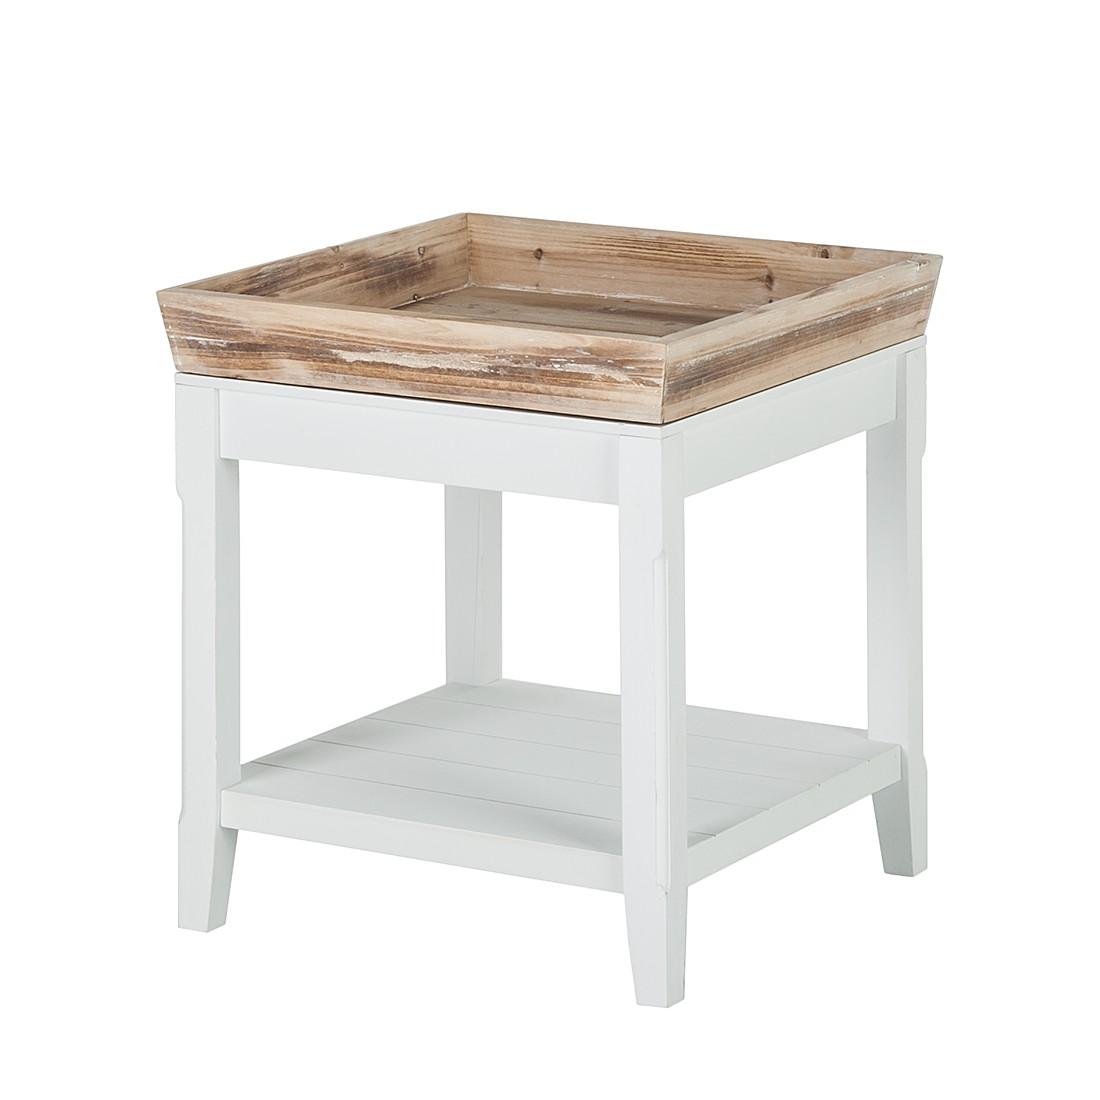 Pin Tv Tisch Antra 79 Holz Kiefer Massiv Weiß Lasiert on Pinterest